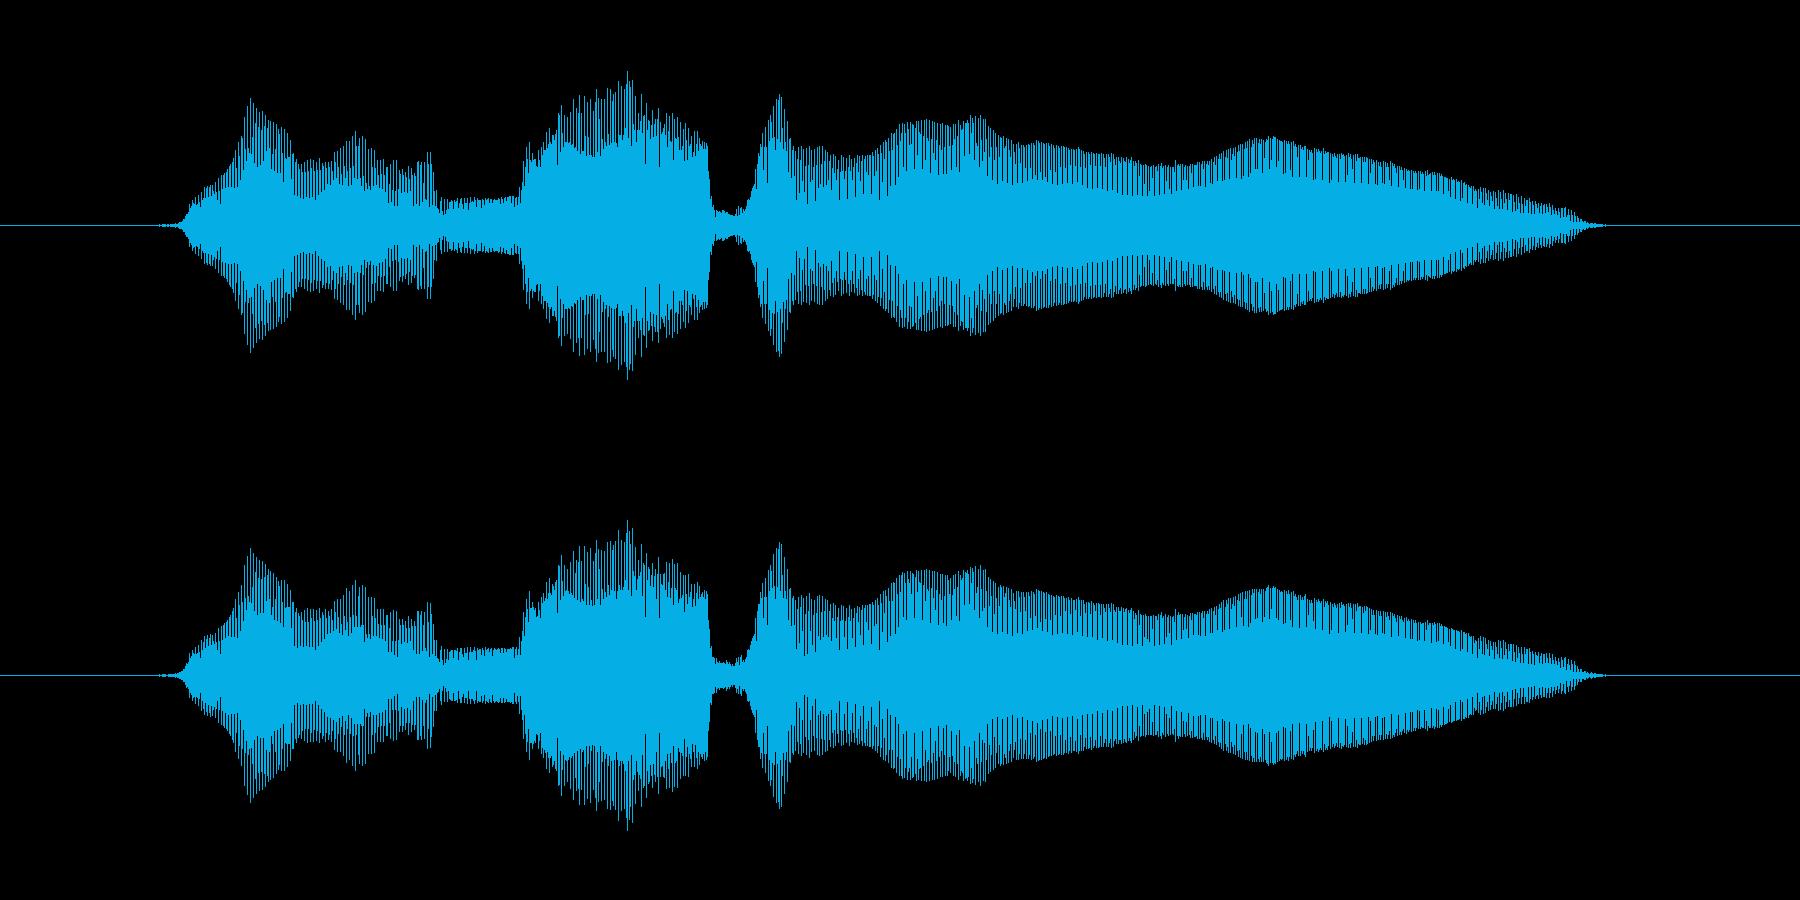 やめろー の再生済みの波形